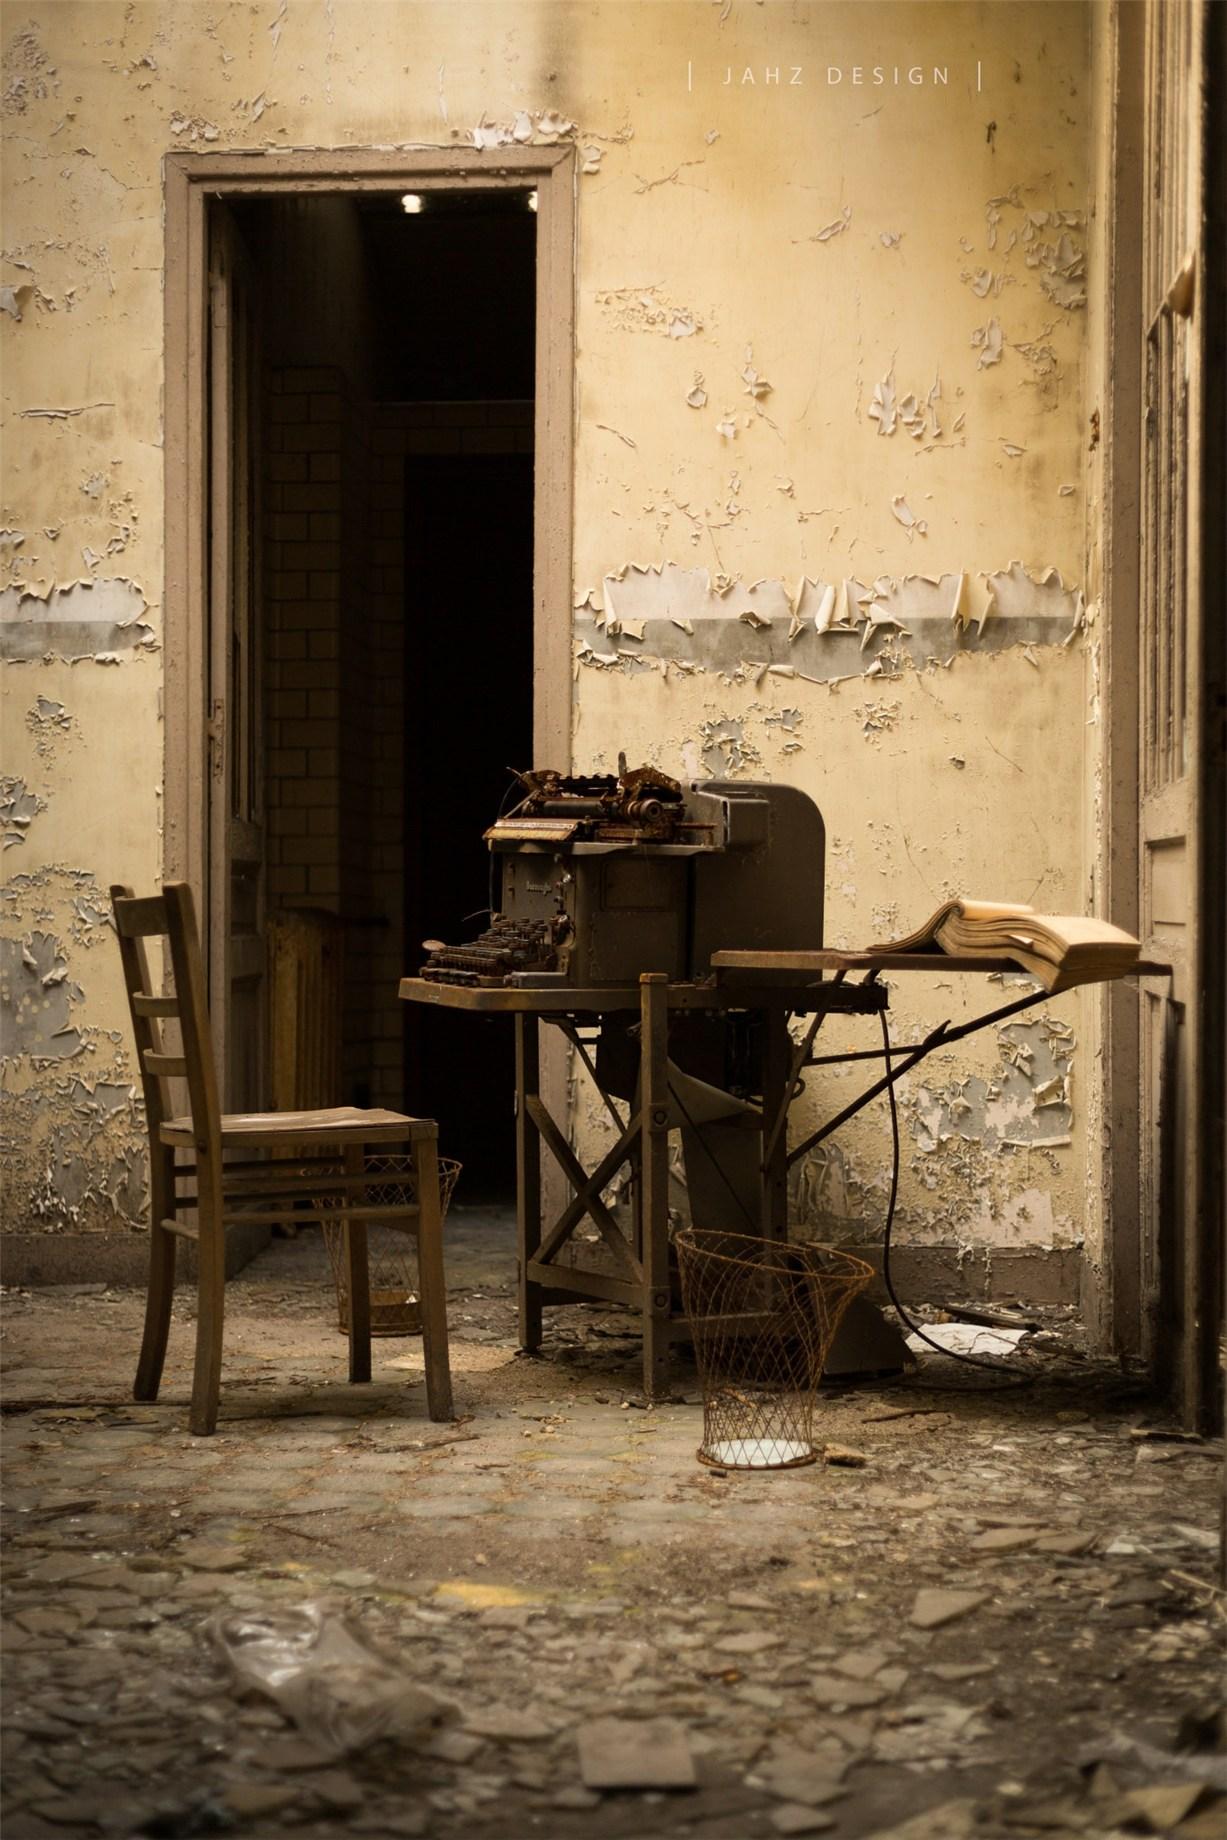 заброшенные места / abandoned places by jahz design